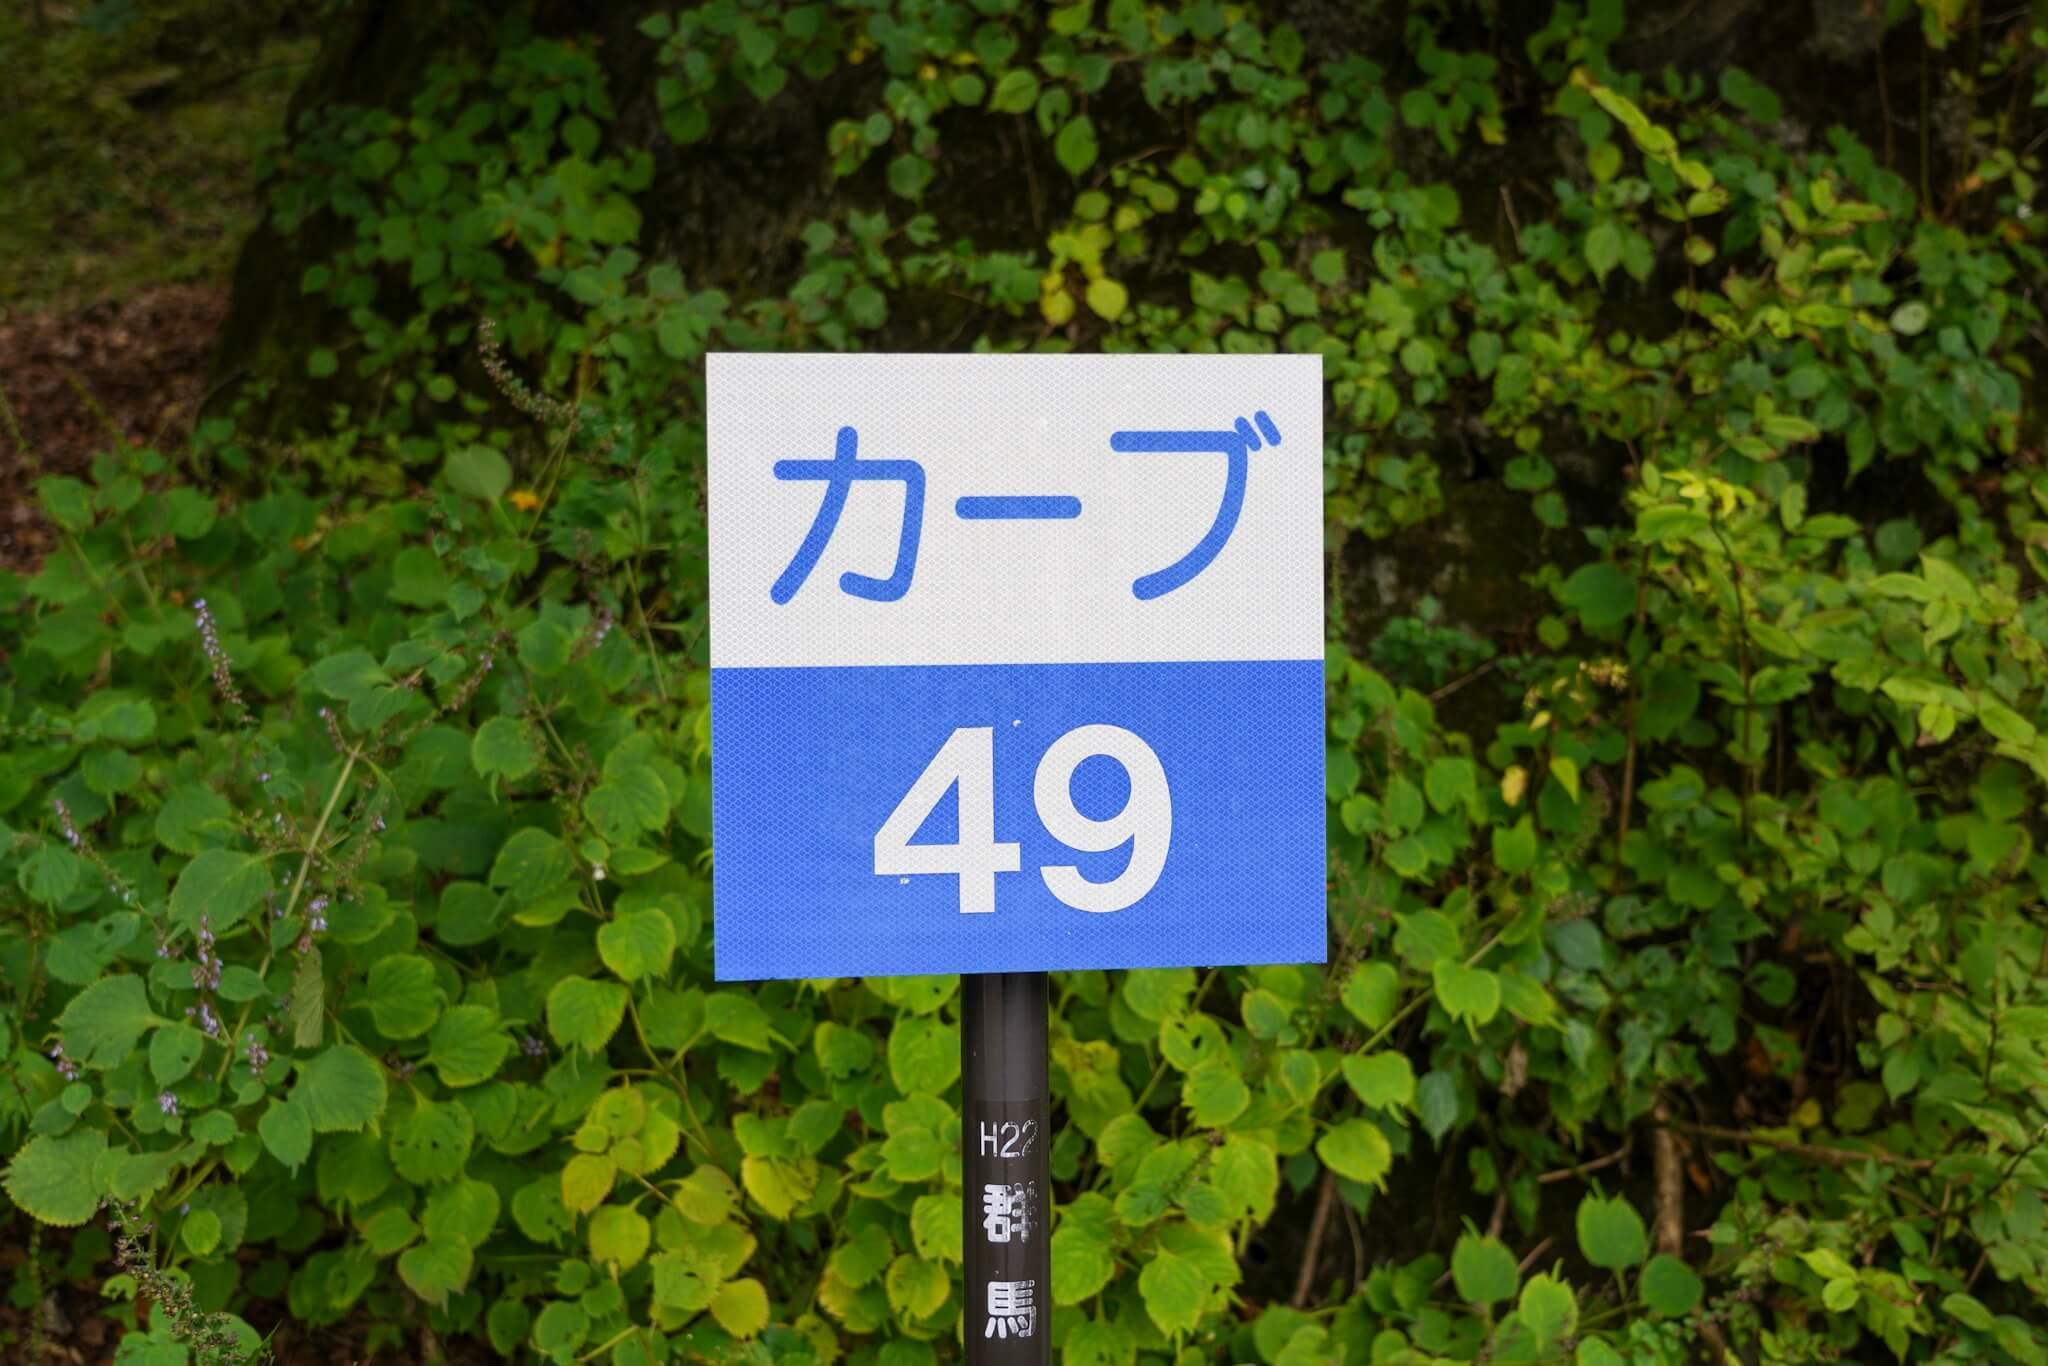 赤城山 峠 カーブNo.49